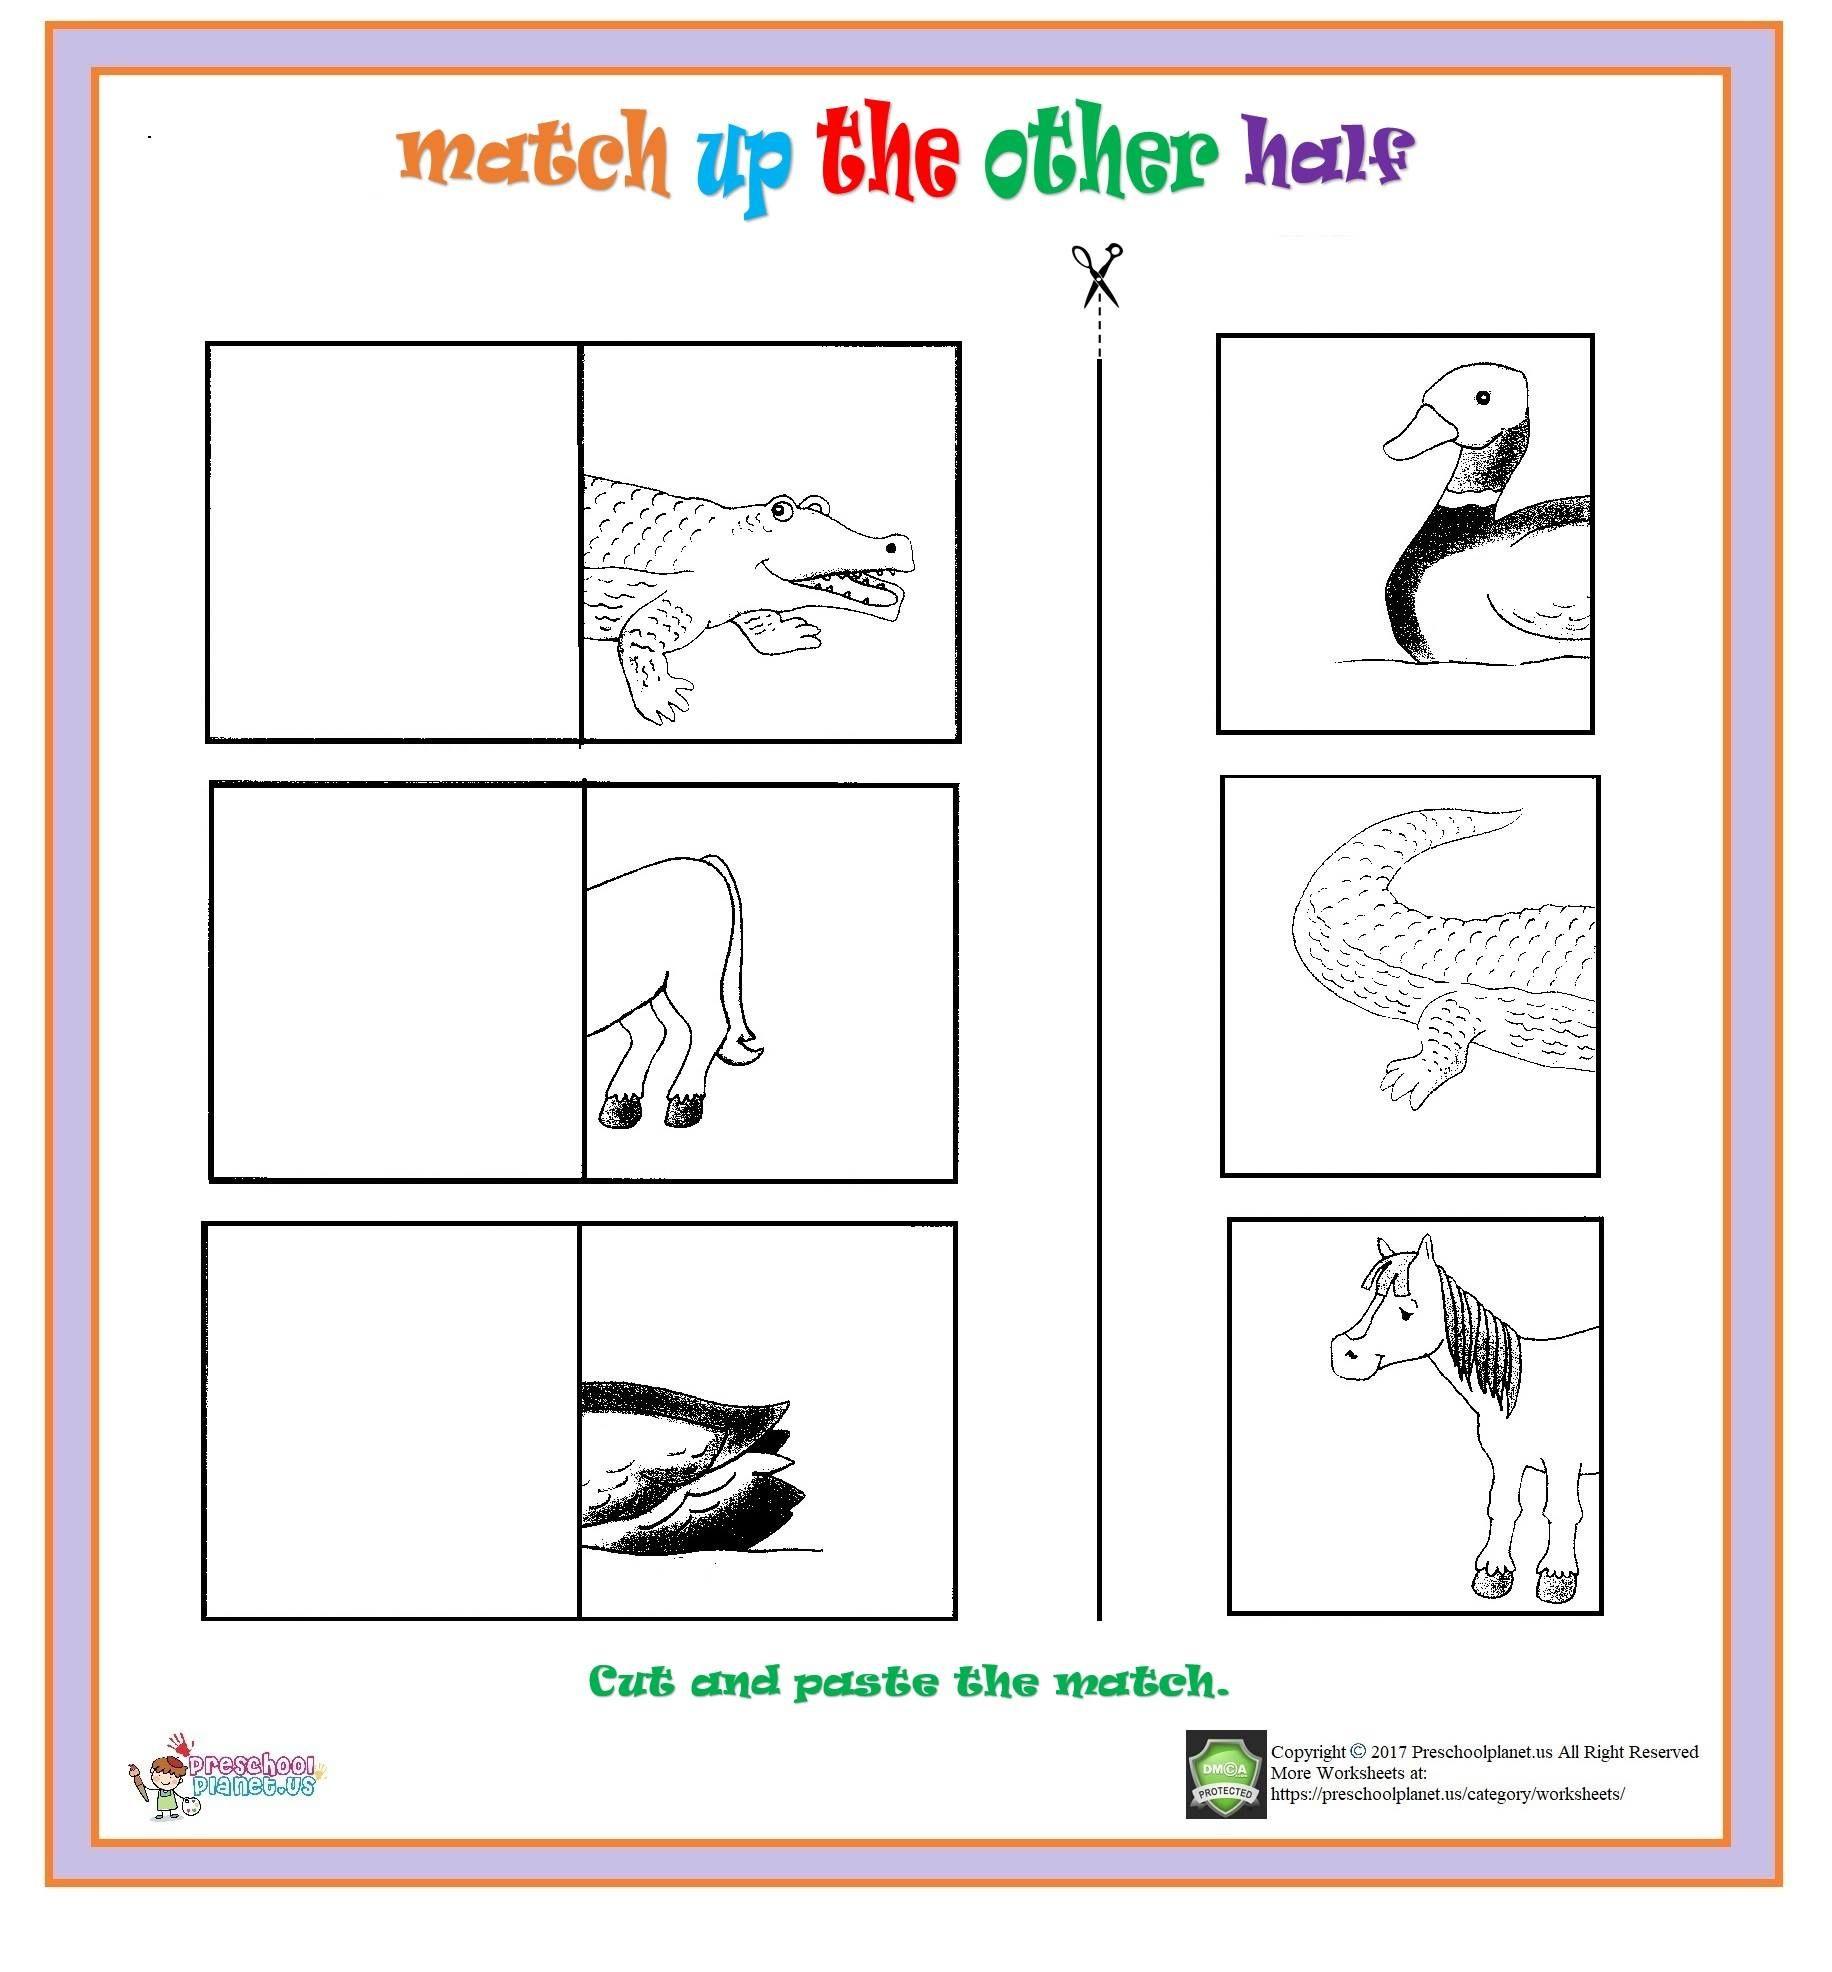 Match Up Other Half Worksheet